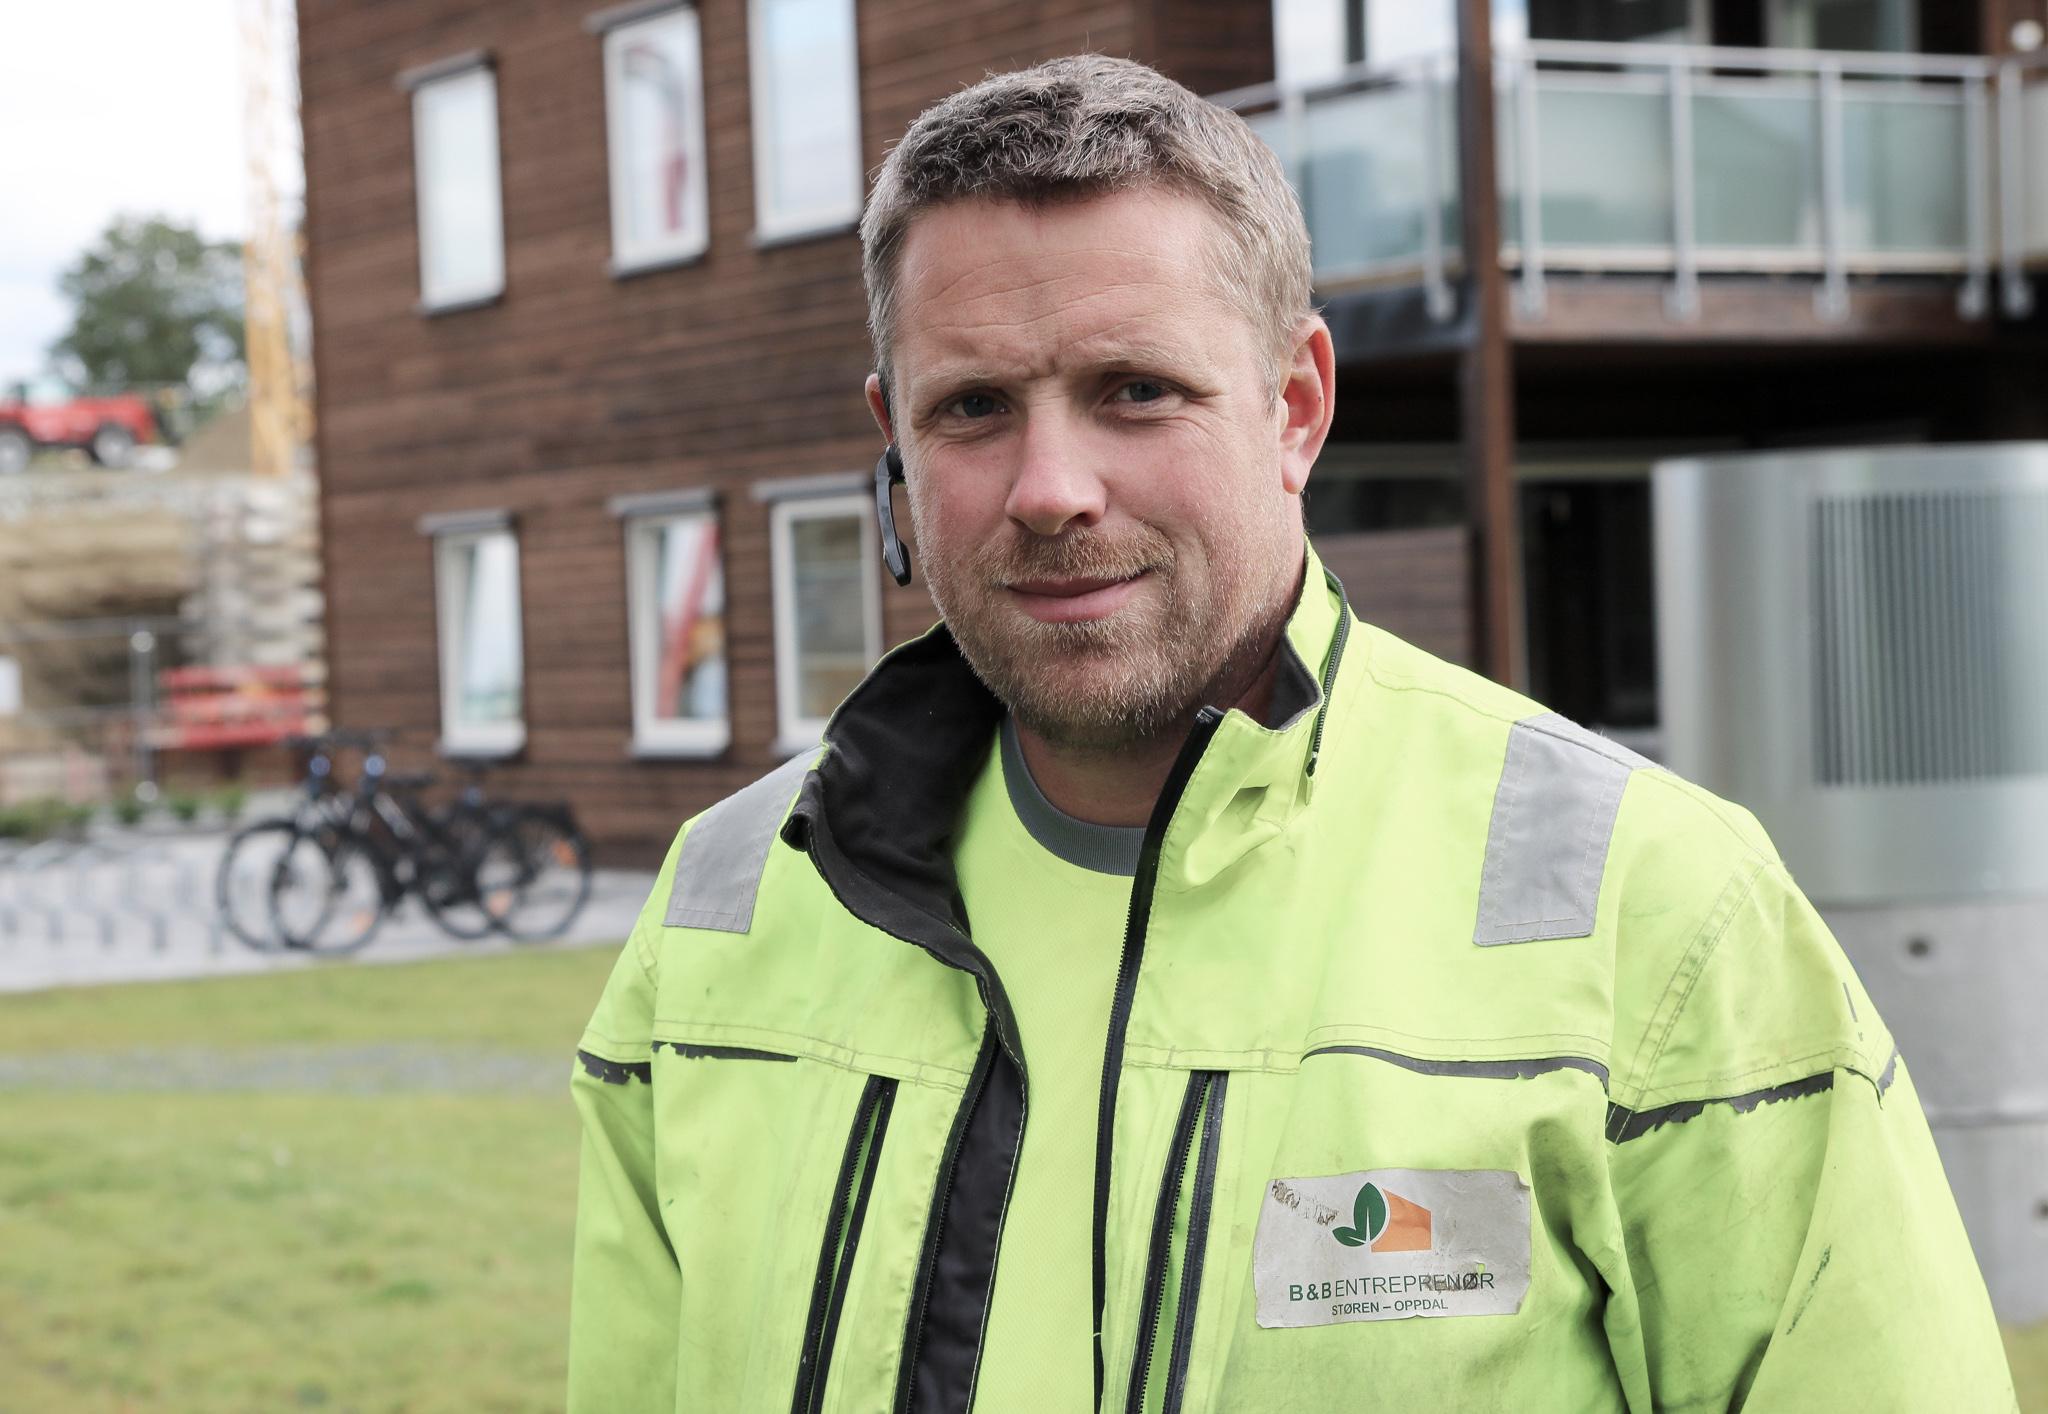 Anleggsleder Jørund Forset hos Børset & Bjerkset Entreprenør i gule arbeidsklær